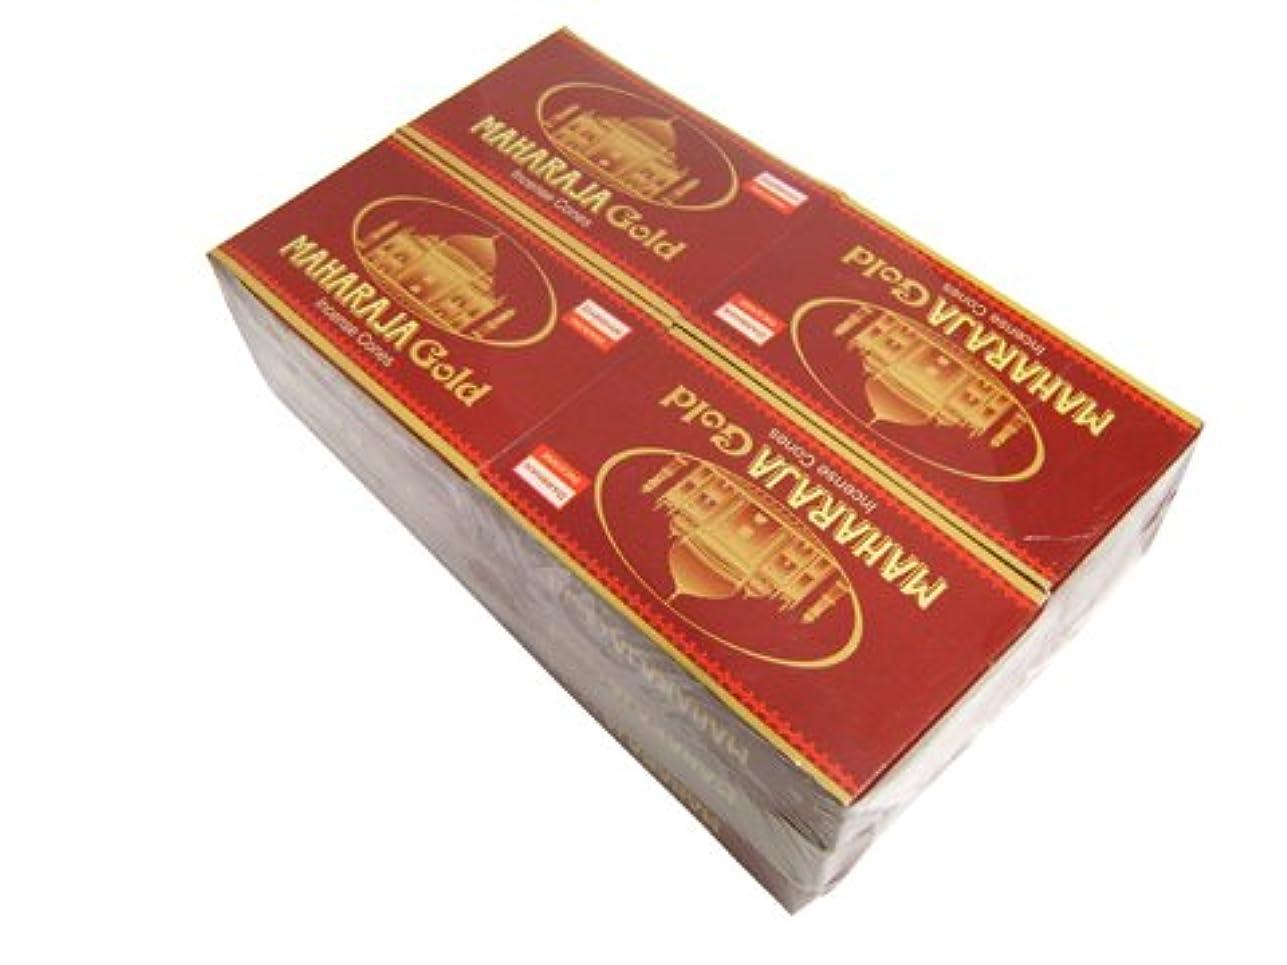 資源アニメーション熟すDARSHAN(ダルシャン) マハラジャゴールド香 コーンタイプ MAHARAJA GOLD CORN 12箱セット